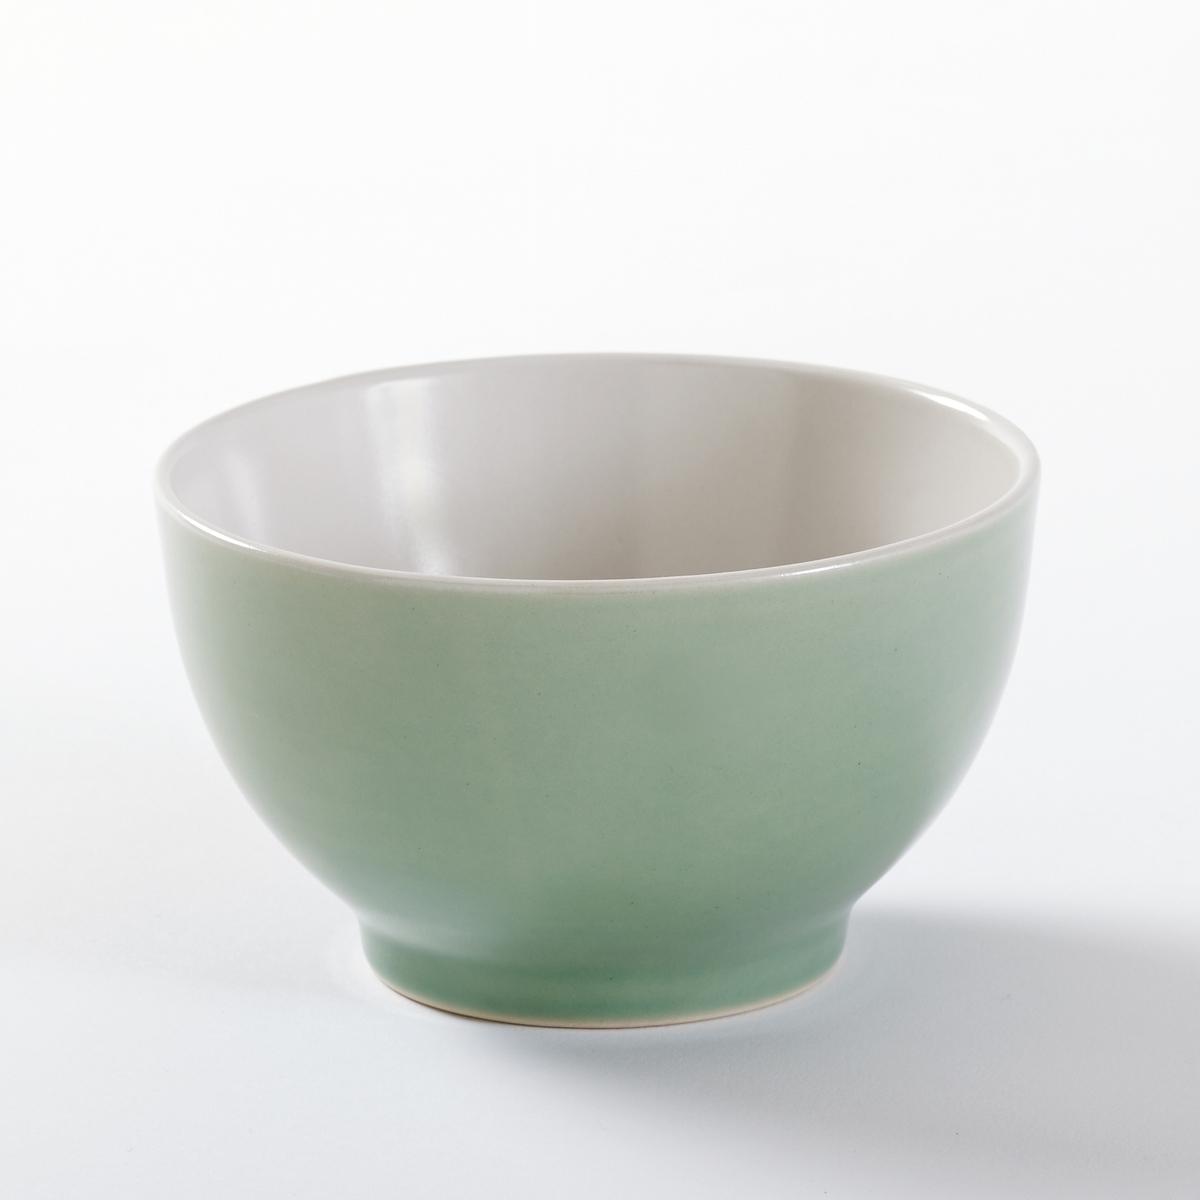 Комплект из 4 пиал из керамики, DEONIE комплект из 4 глубоких тарелок из керамики deonie